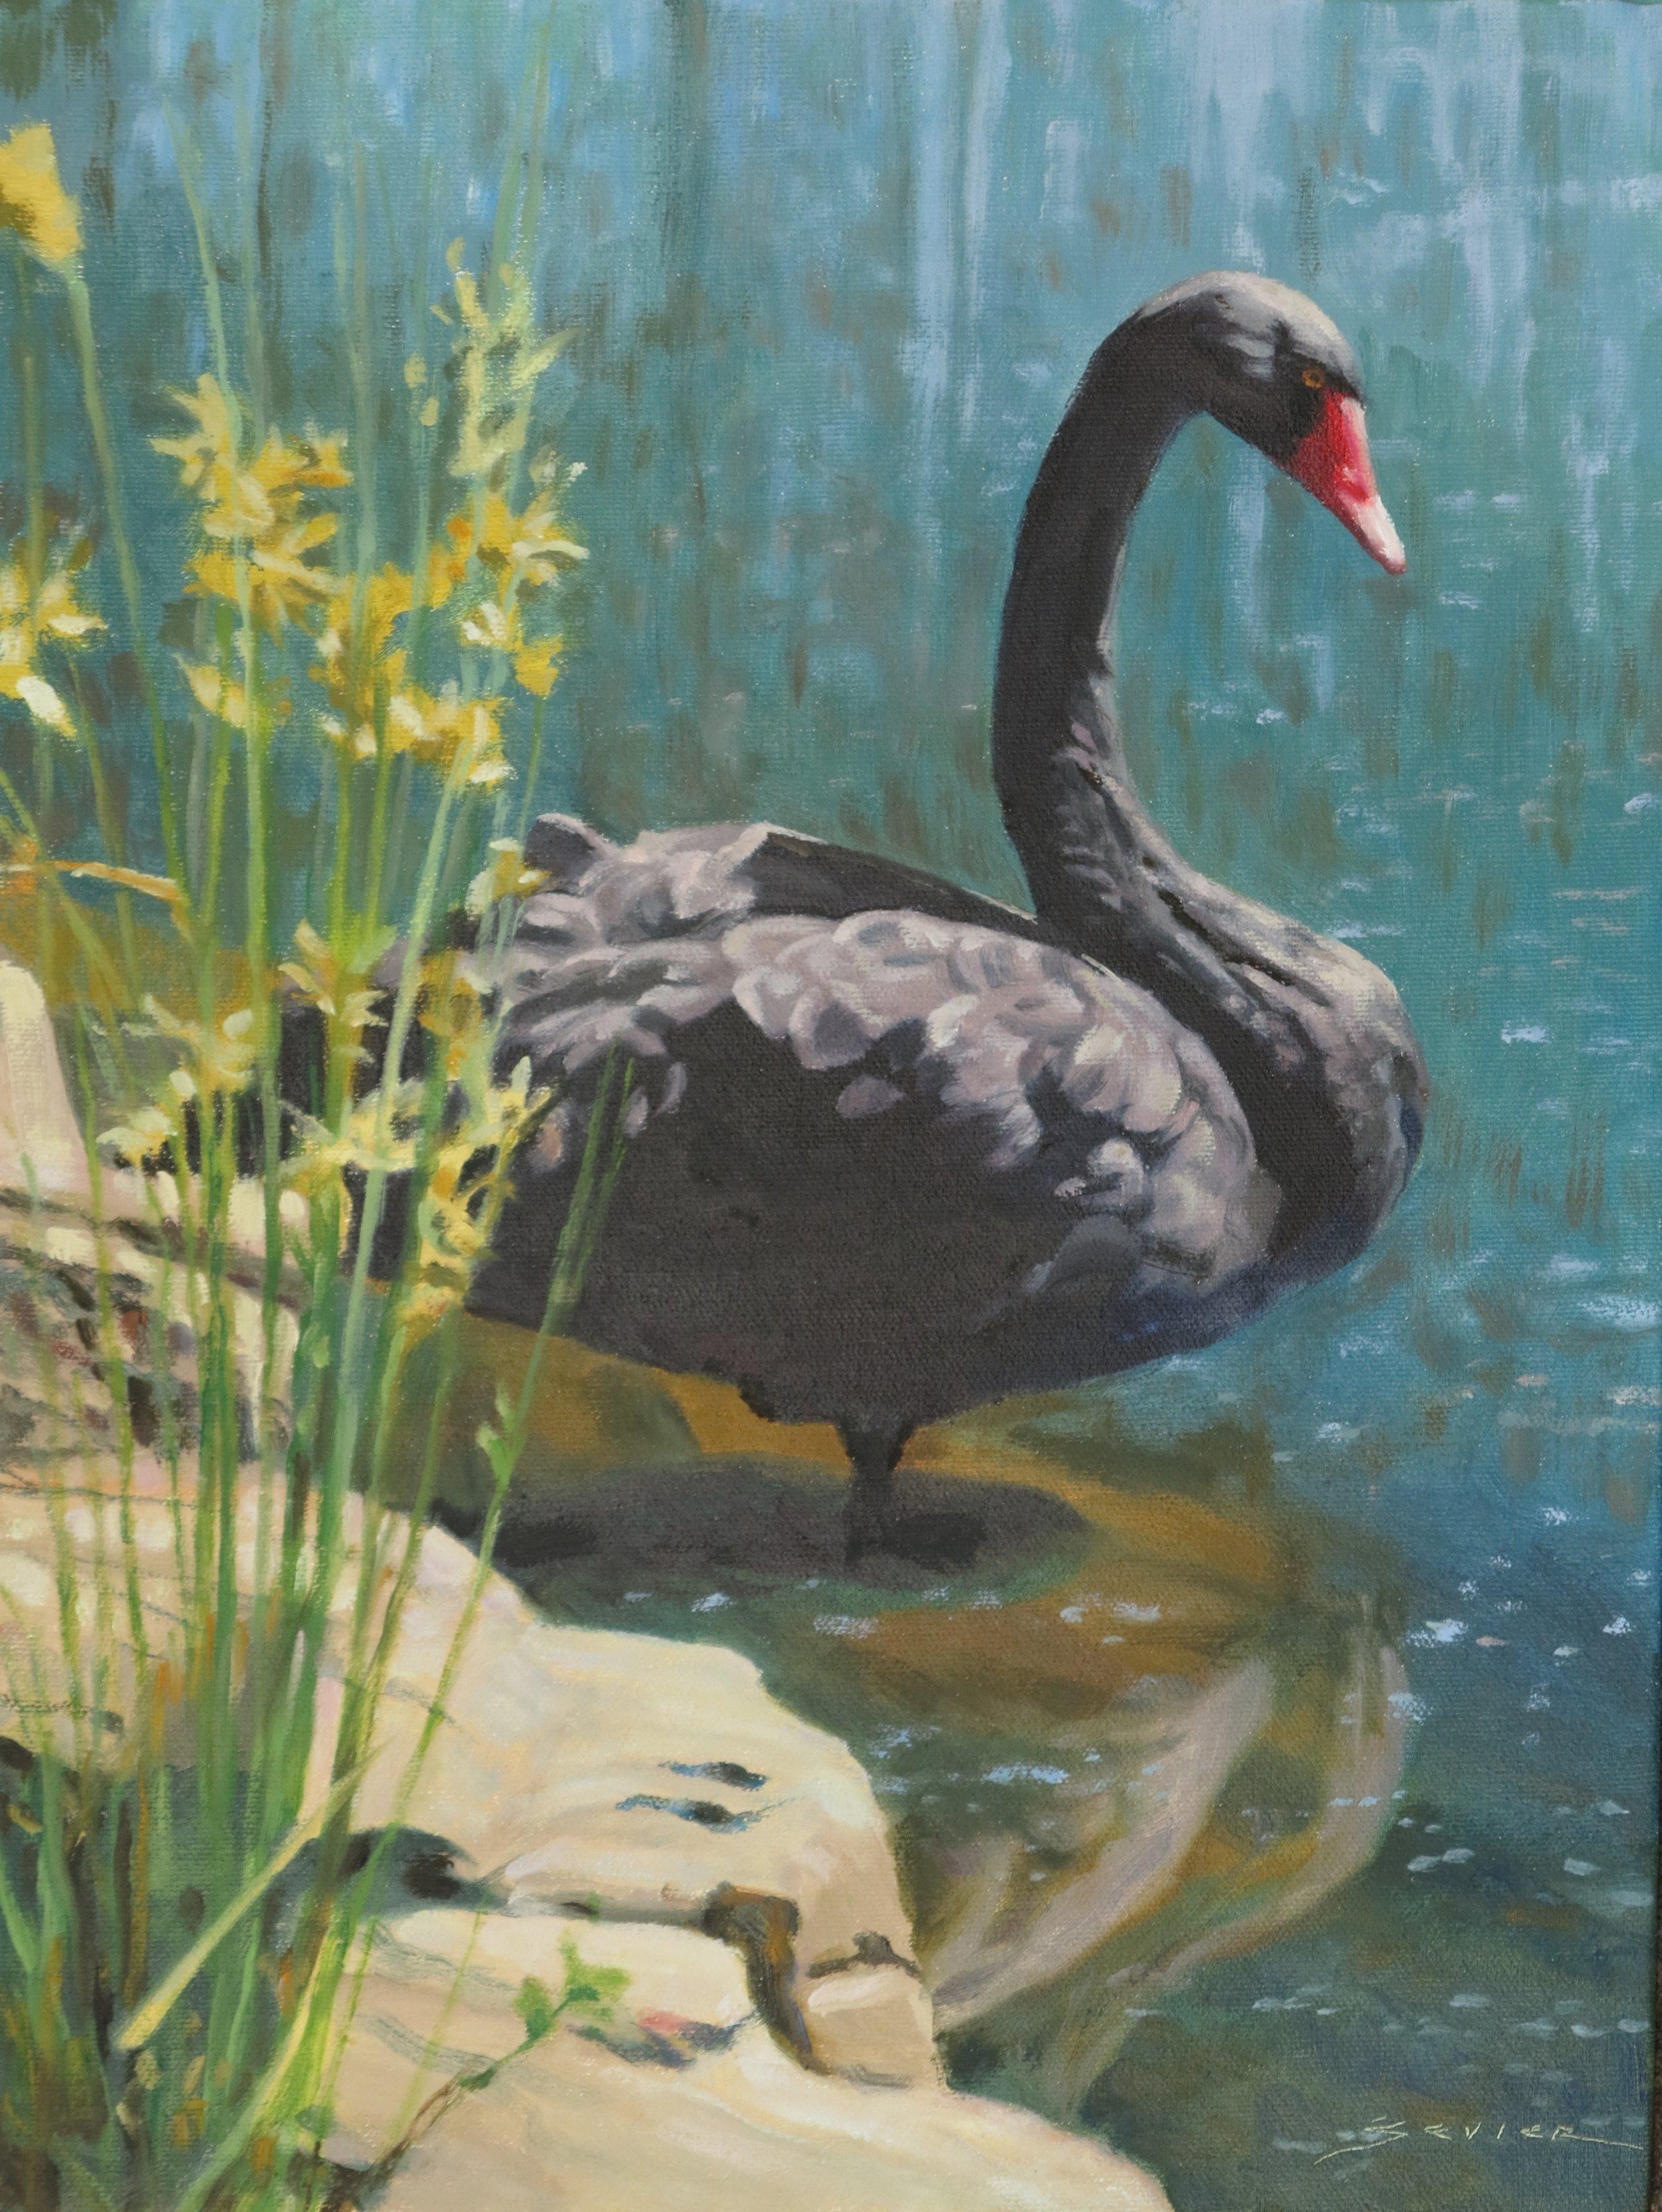 Black Swan/Dunkeld S.A., 16 x 12, oil